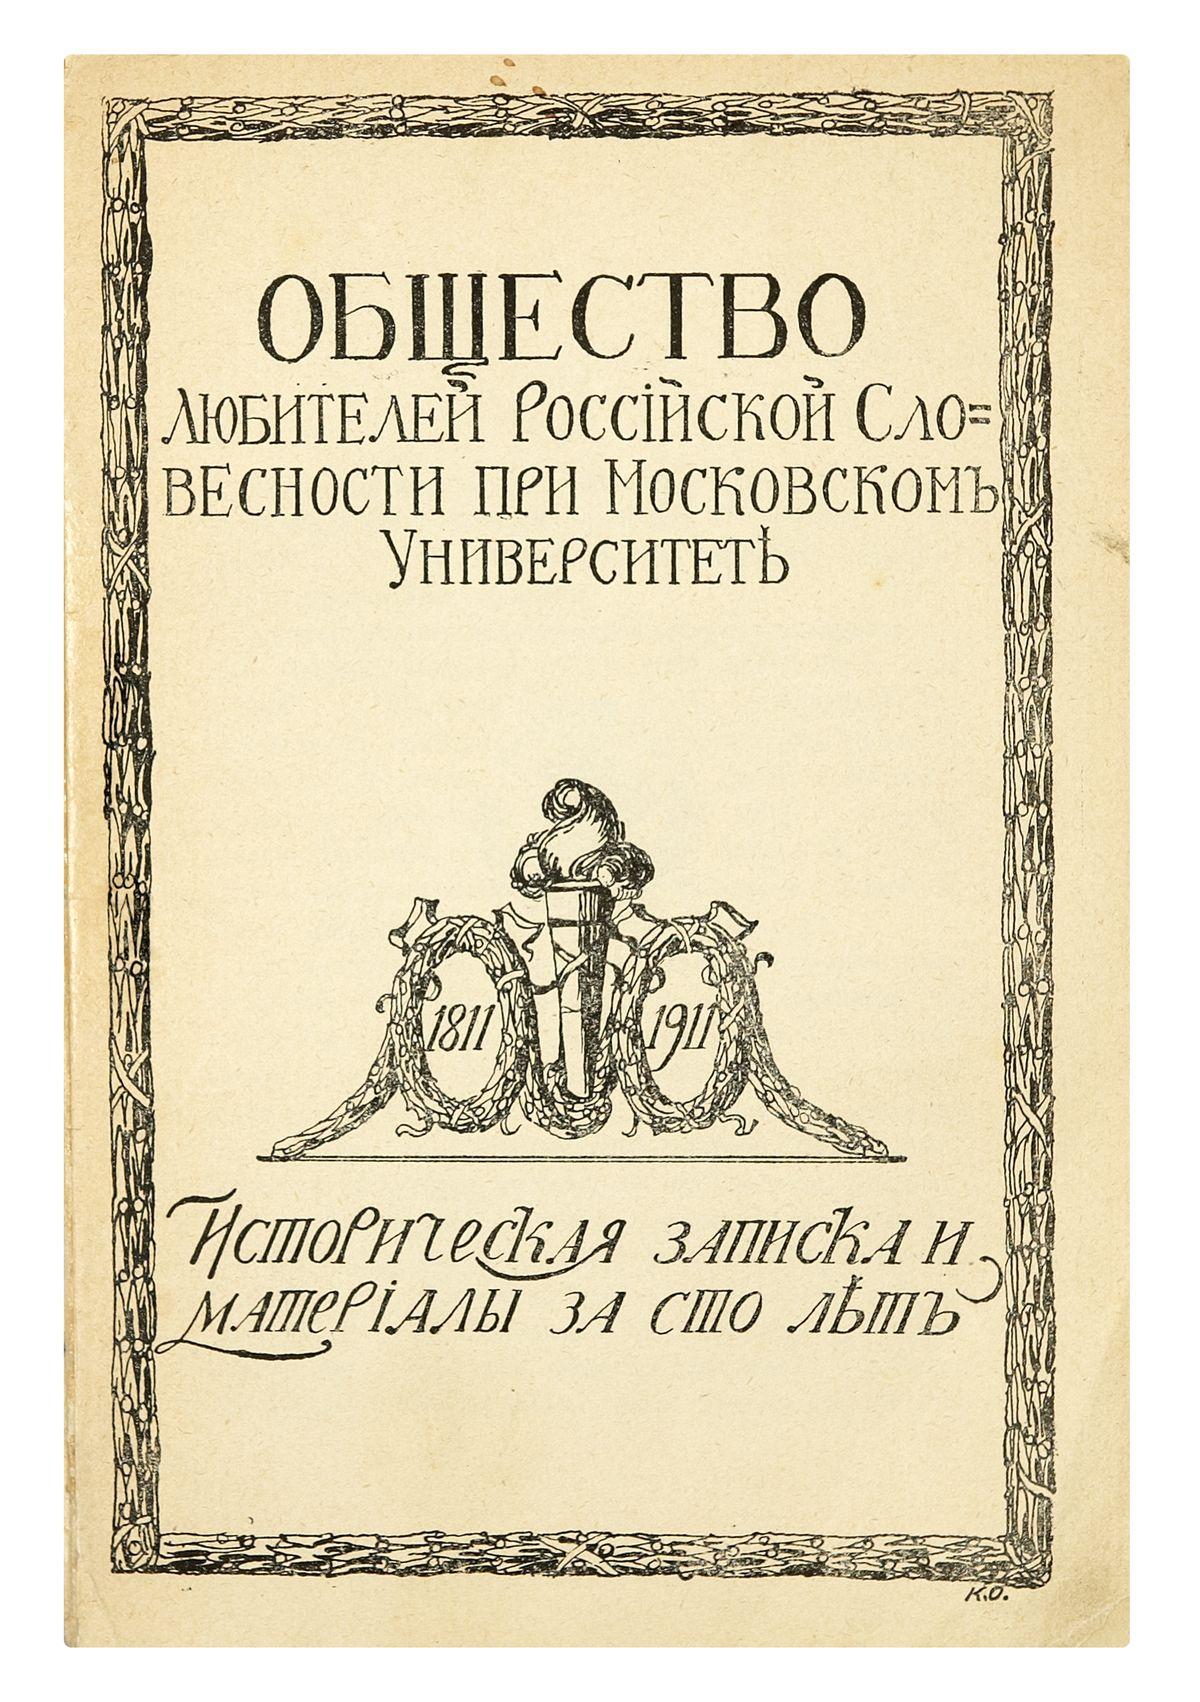 131 измайлов александр ефимович (1779-1831) - поэт, баснописец, член вольного общества любителей словесности, наук и